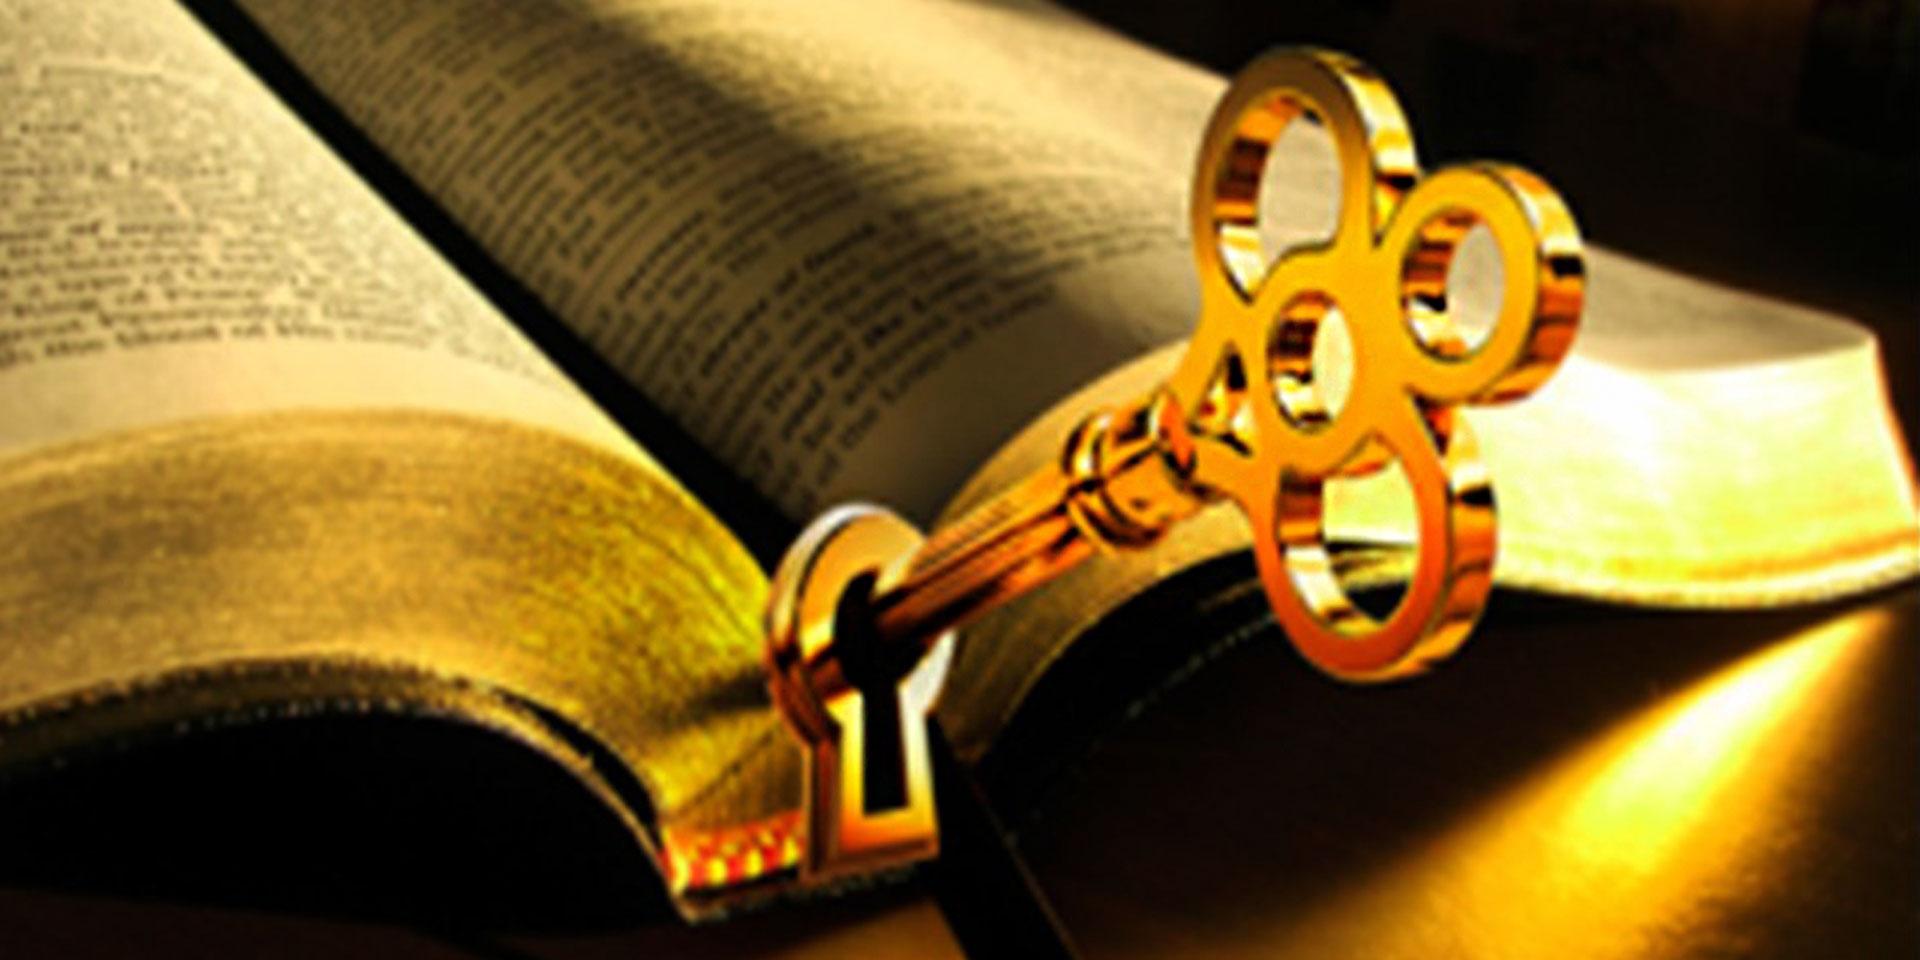 Книга Откровение Иоанна Богослова новый завет библия